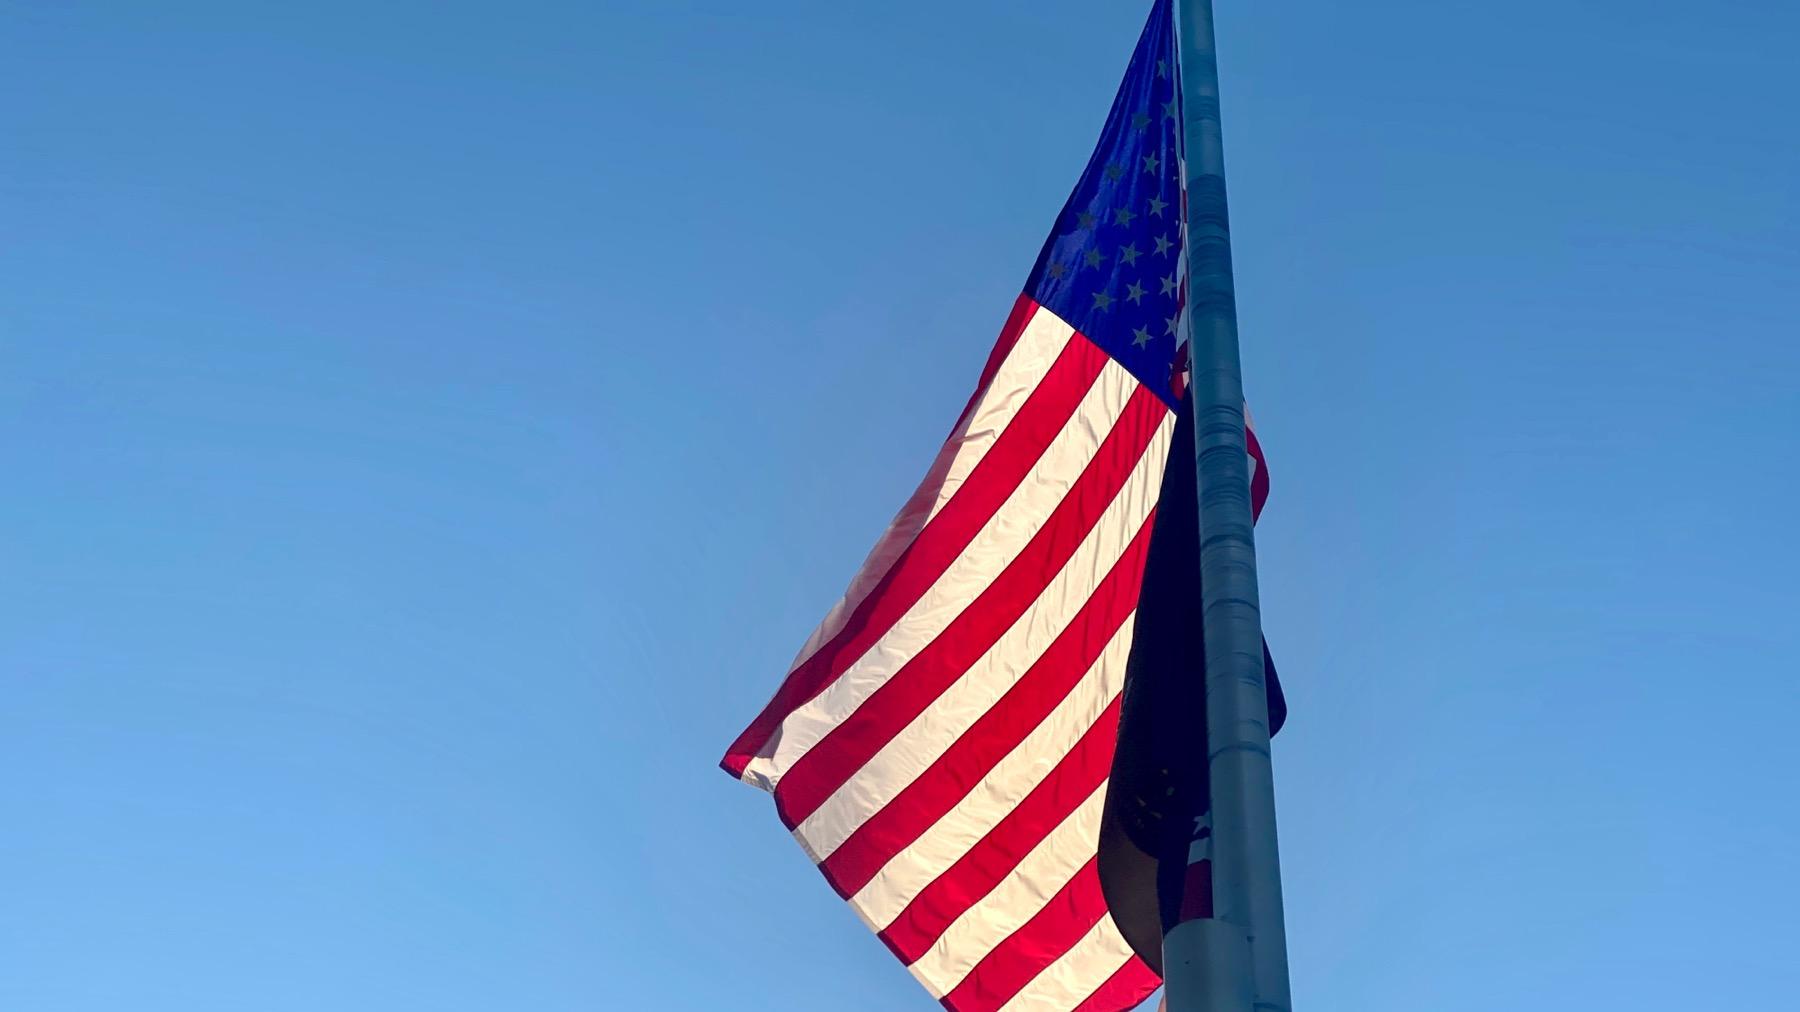 Sunlit flag